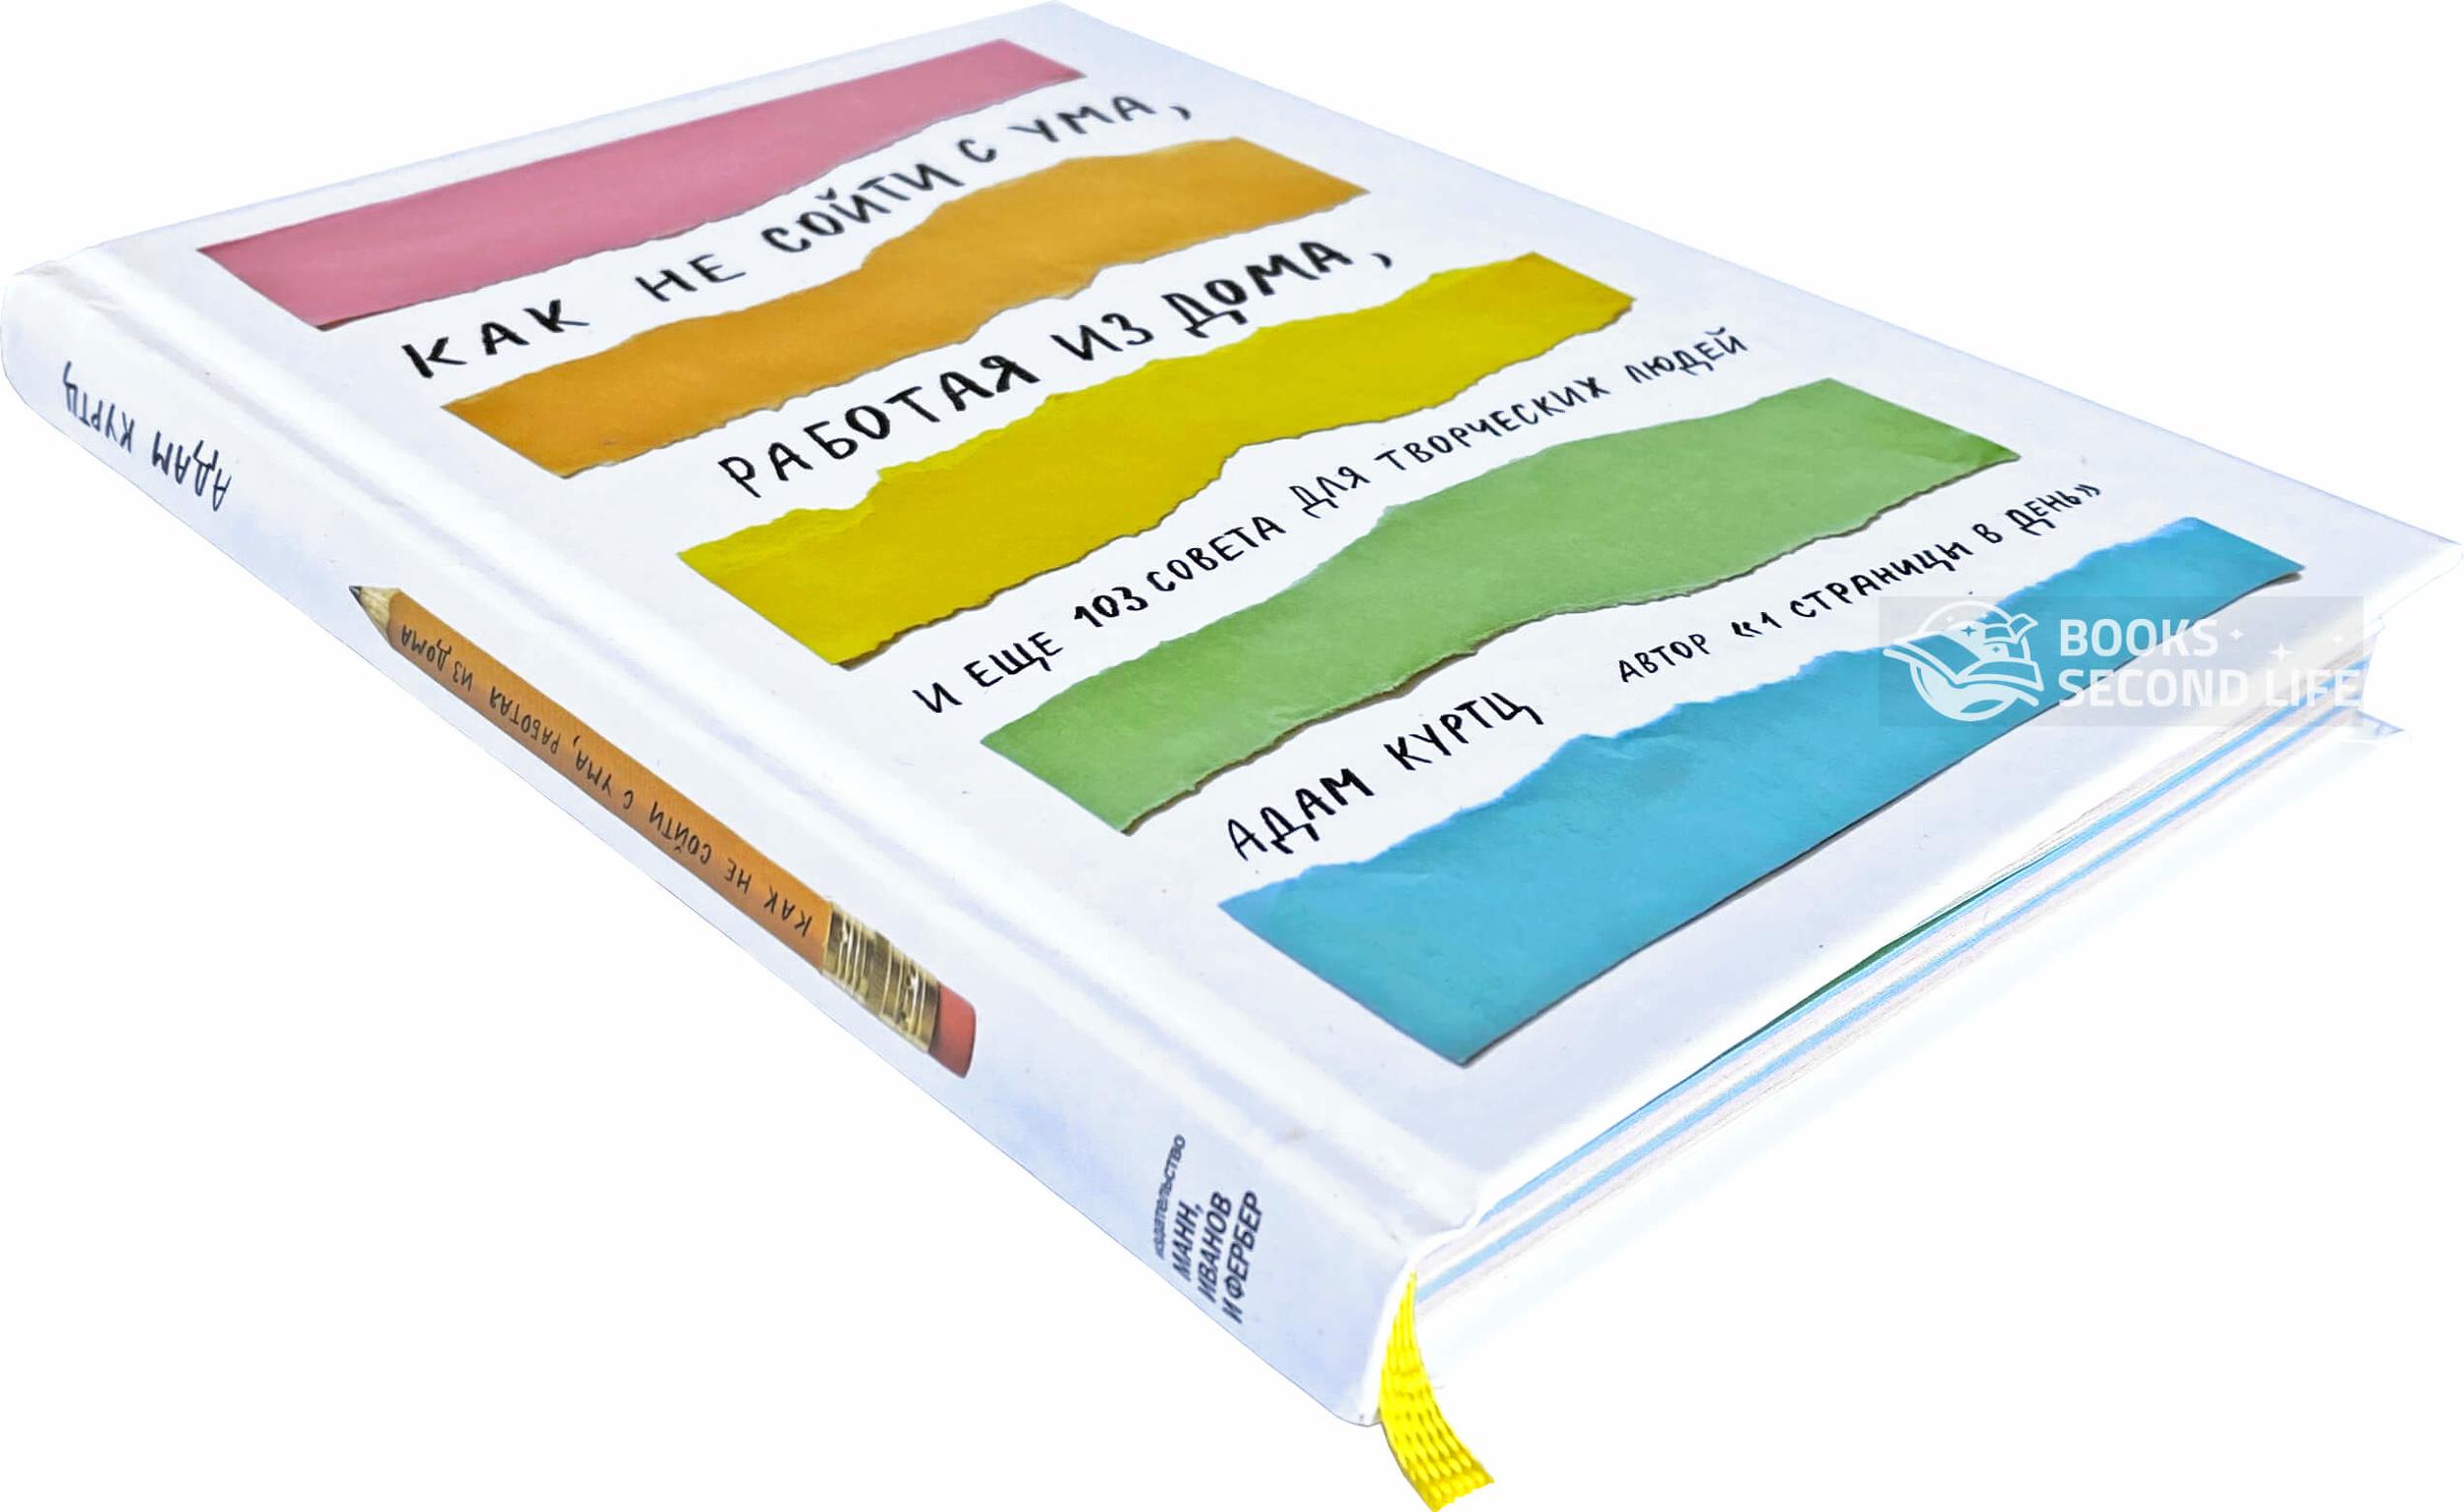 Как не сойти с ума, работая из дома, и еще 103 совета для творческих людей. Автор — Адам Куртц. Переплет —